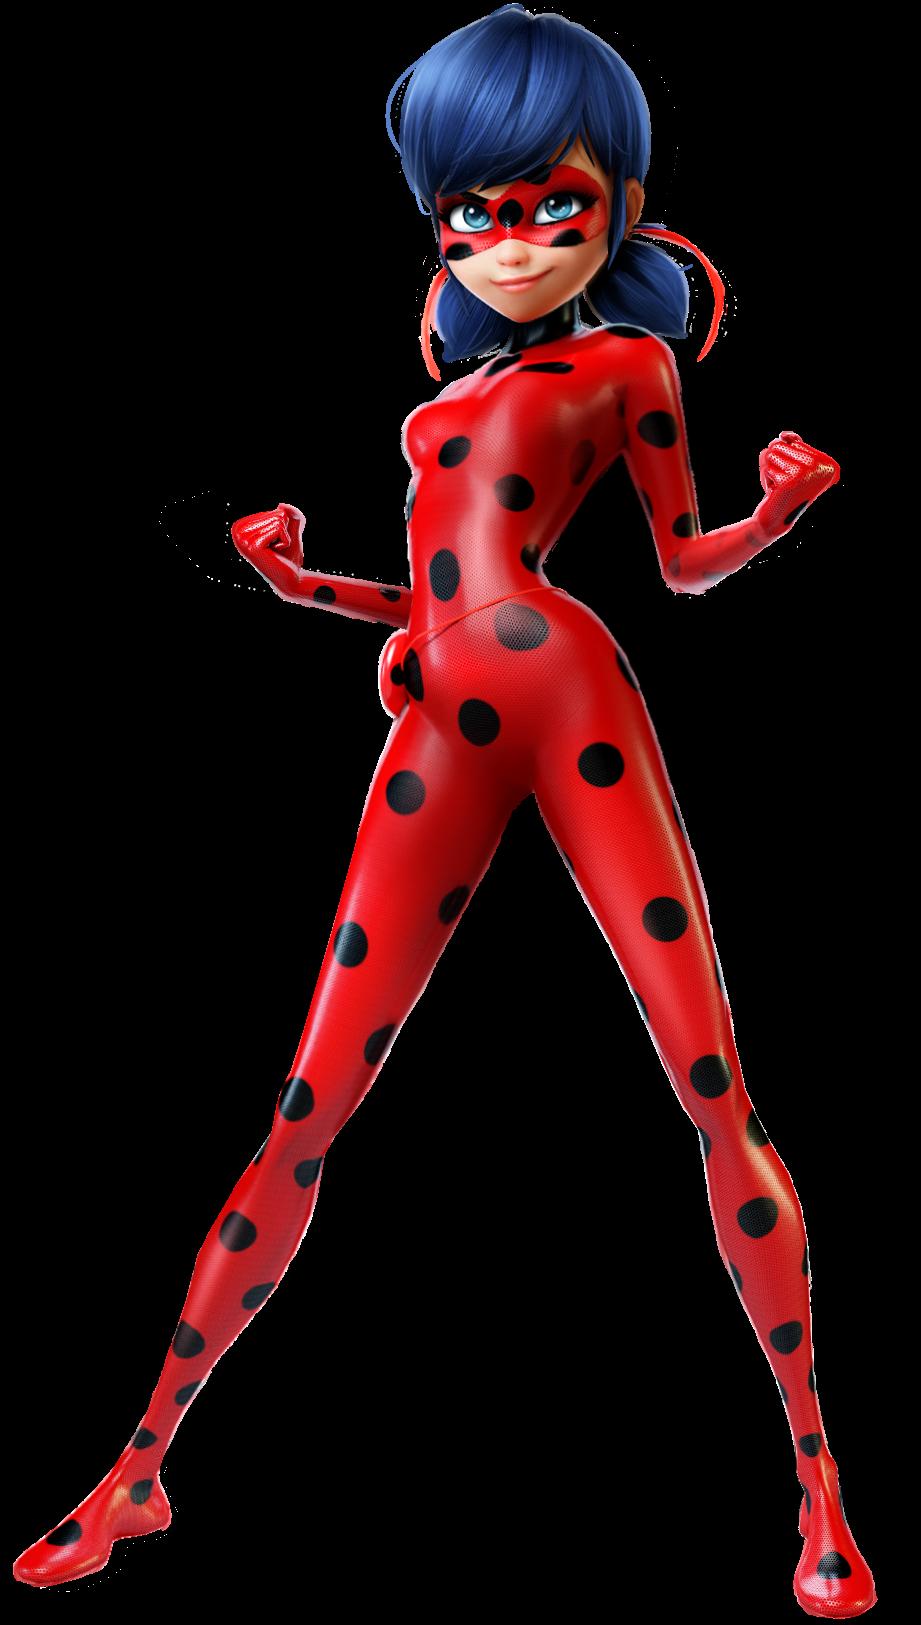 ladybug feltro molde - Pesqui